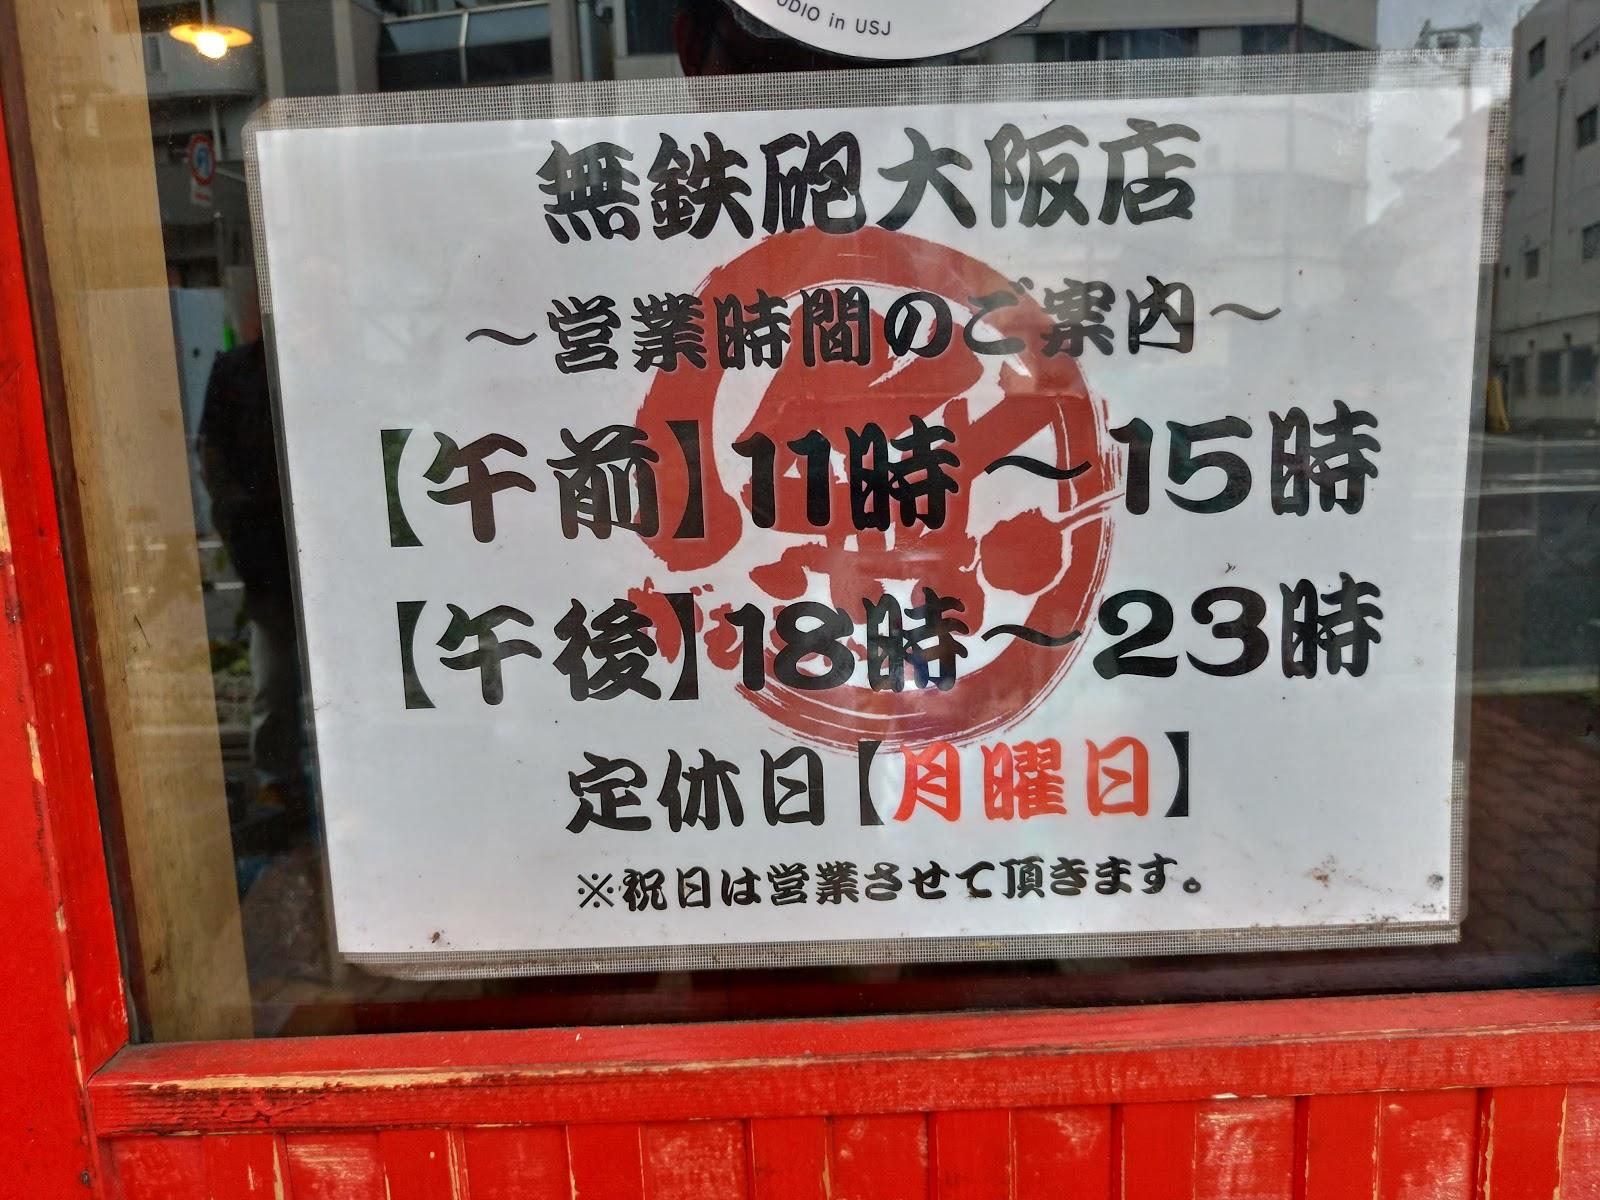 営業時間、無鉄砲大阪本店のとんこつラーメン!